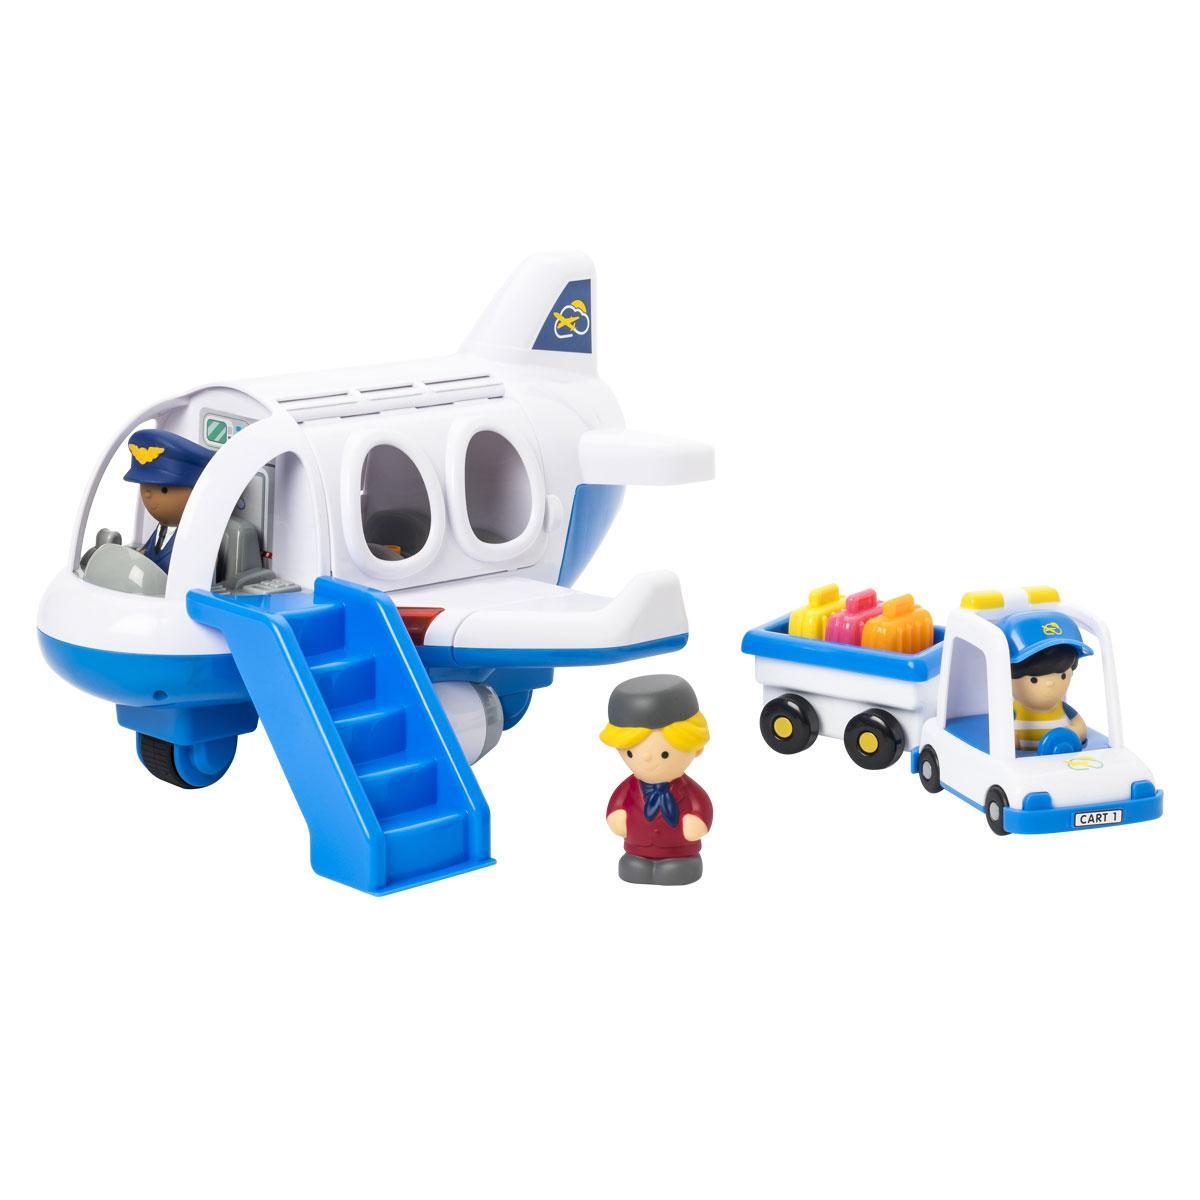 Avion sonore, lumineux et accessoires